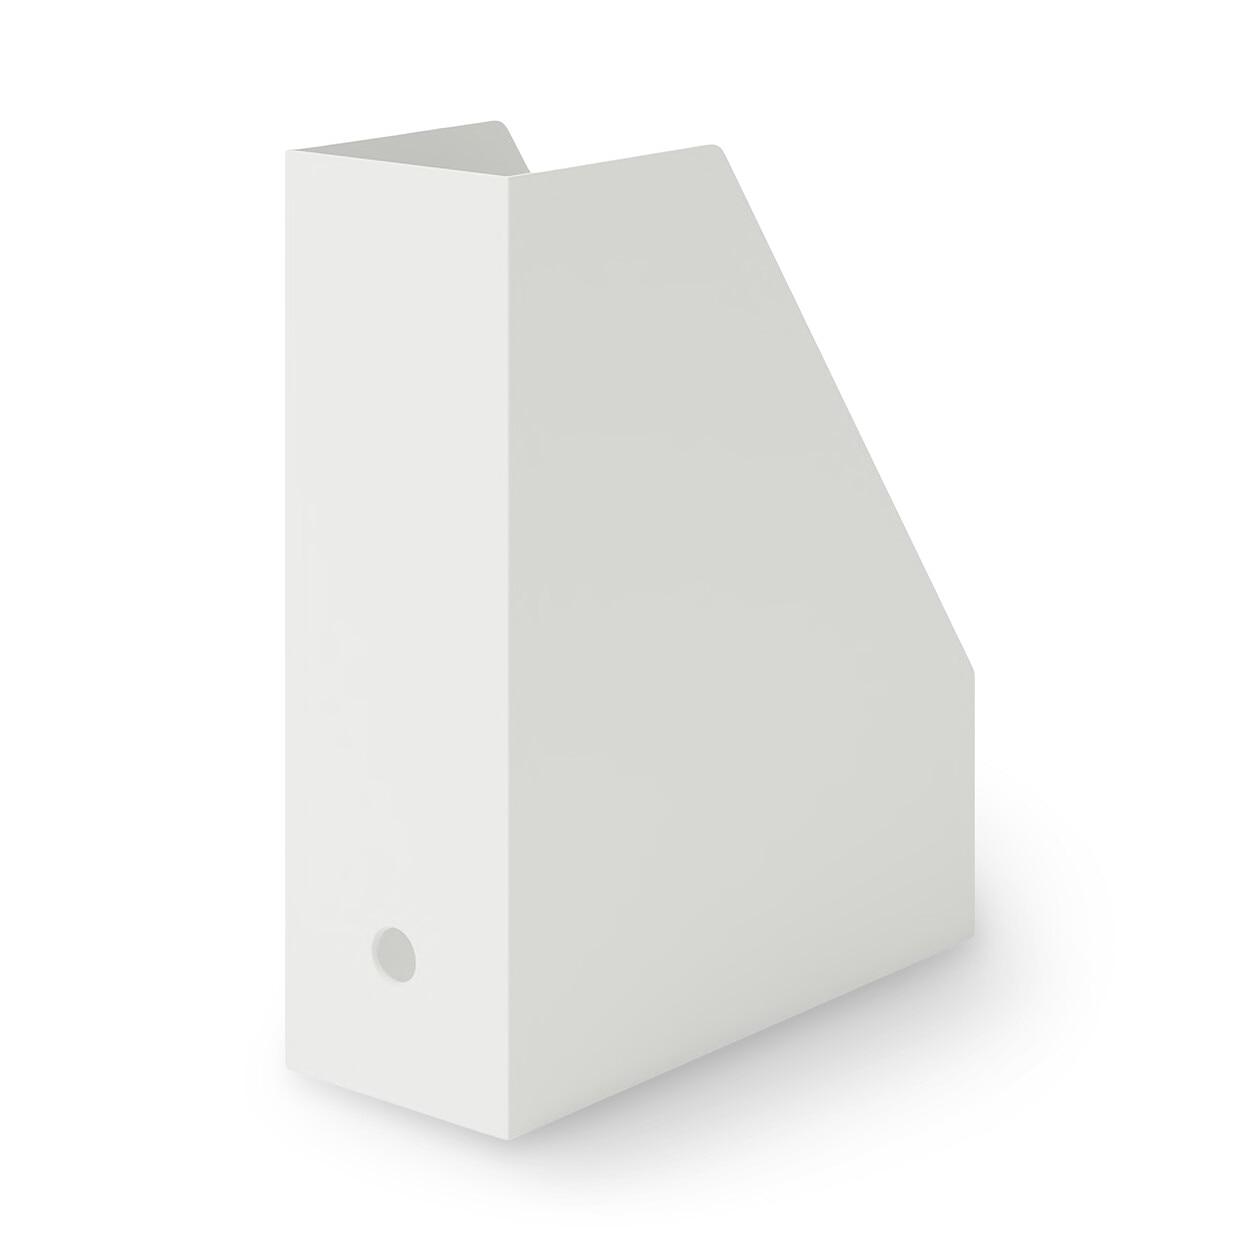 ポリプロピレンスタンドファイルボックス・A4用・ホワイトグレーの写真